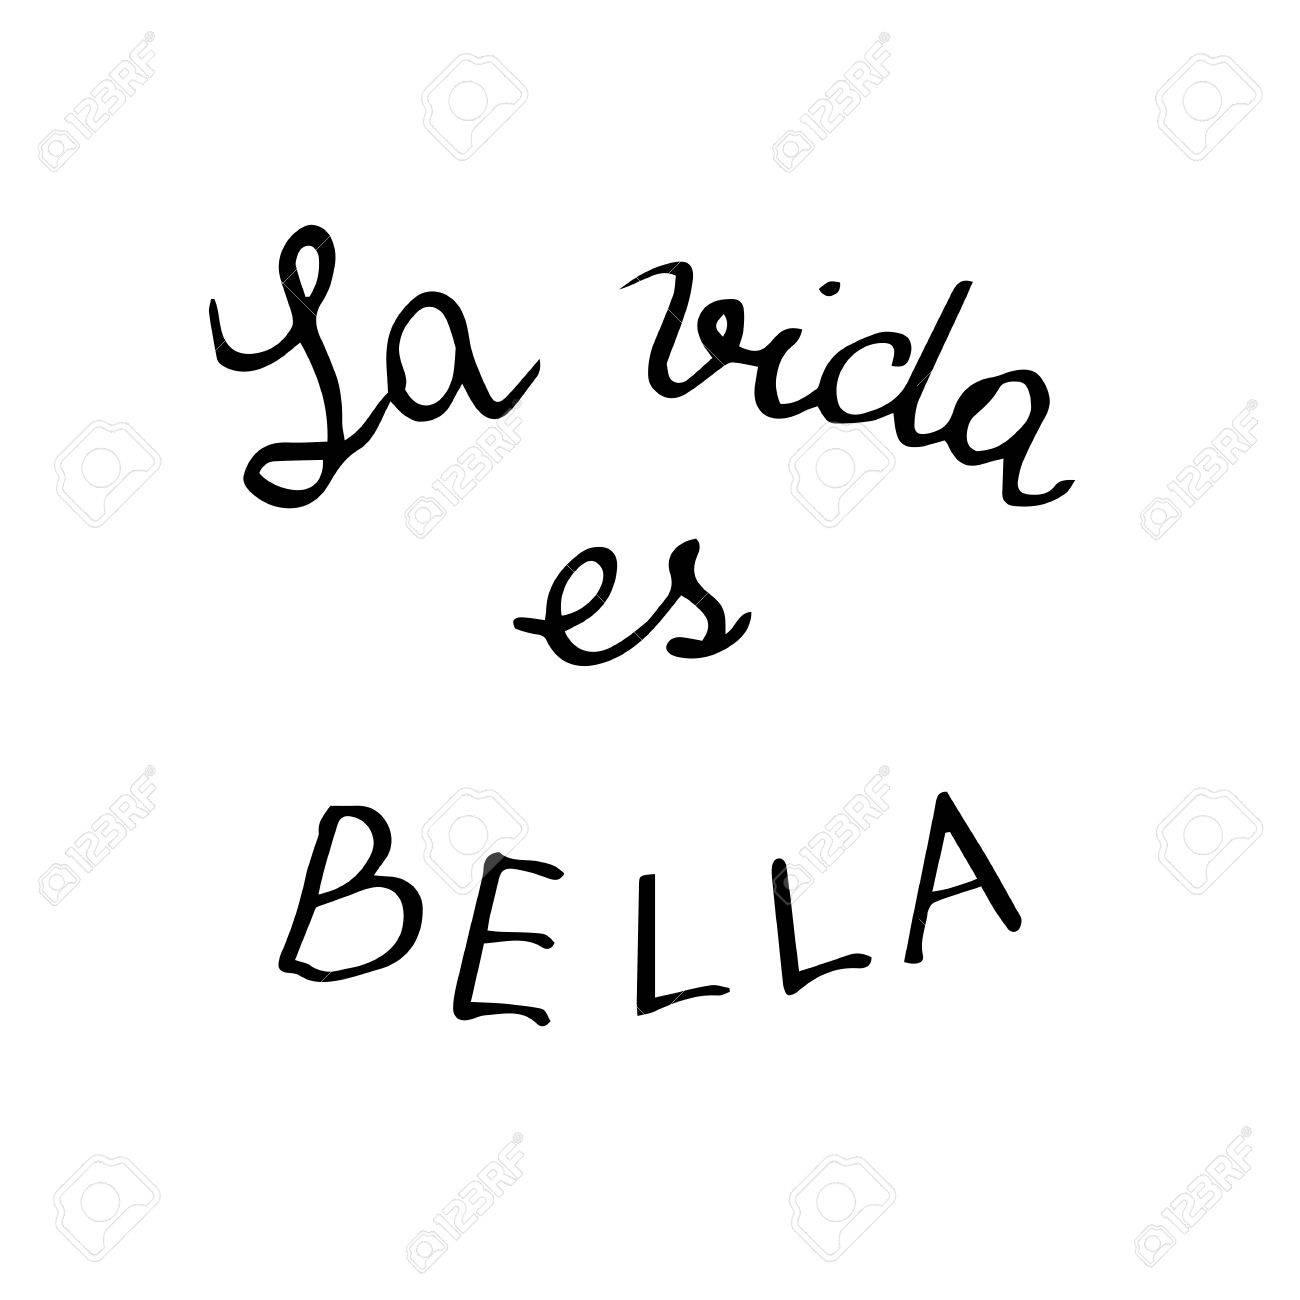 La Vida Es Bella Frase En Español Lo Que Significa Que La Vida Es